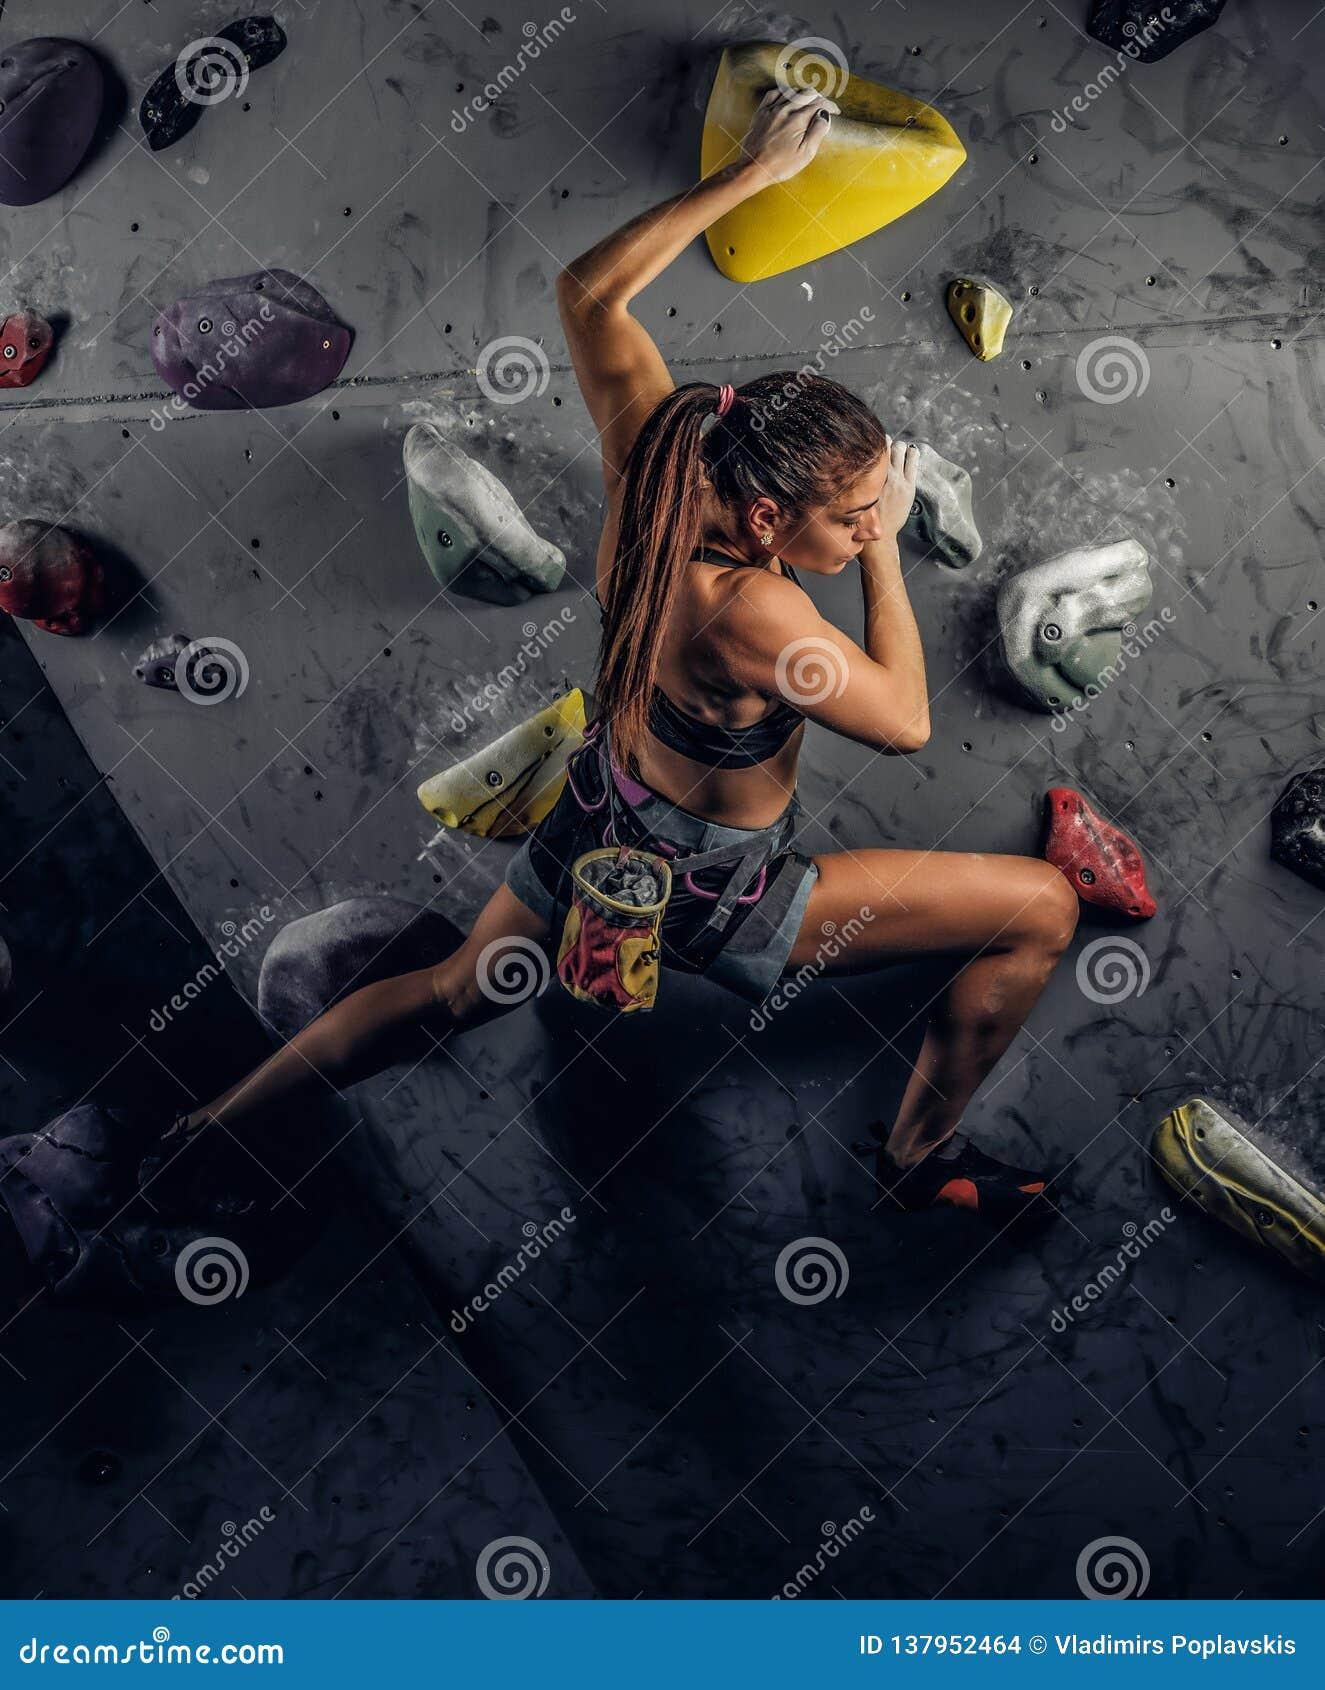 Escalada practicante de la ropa de deportes de la mujer que lleva joven en una pared dentro